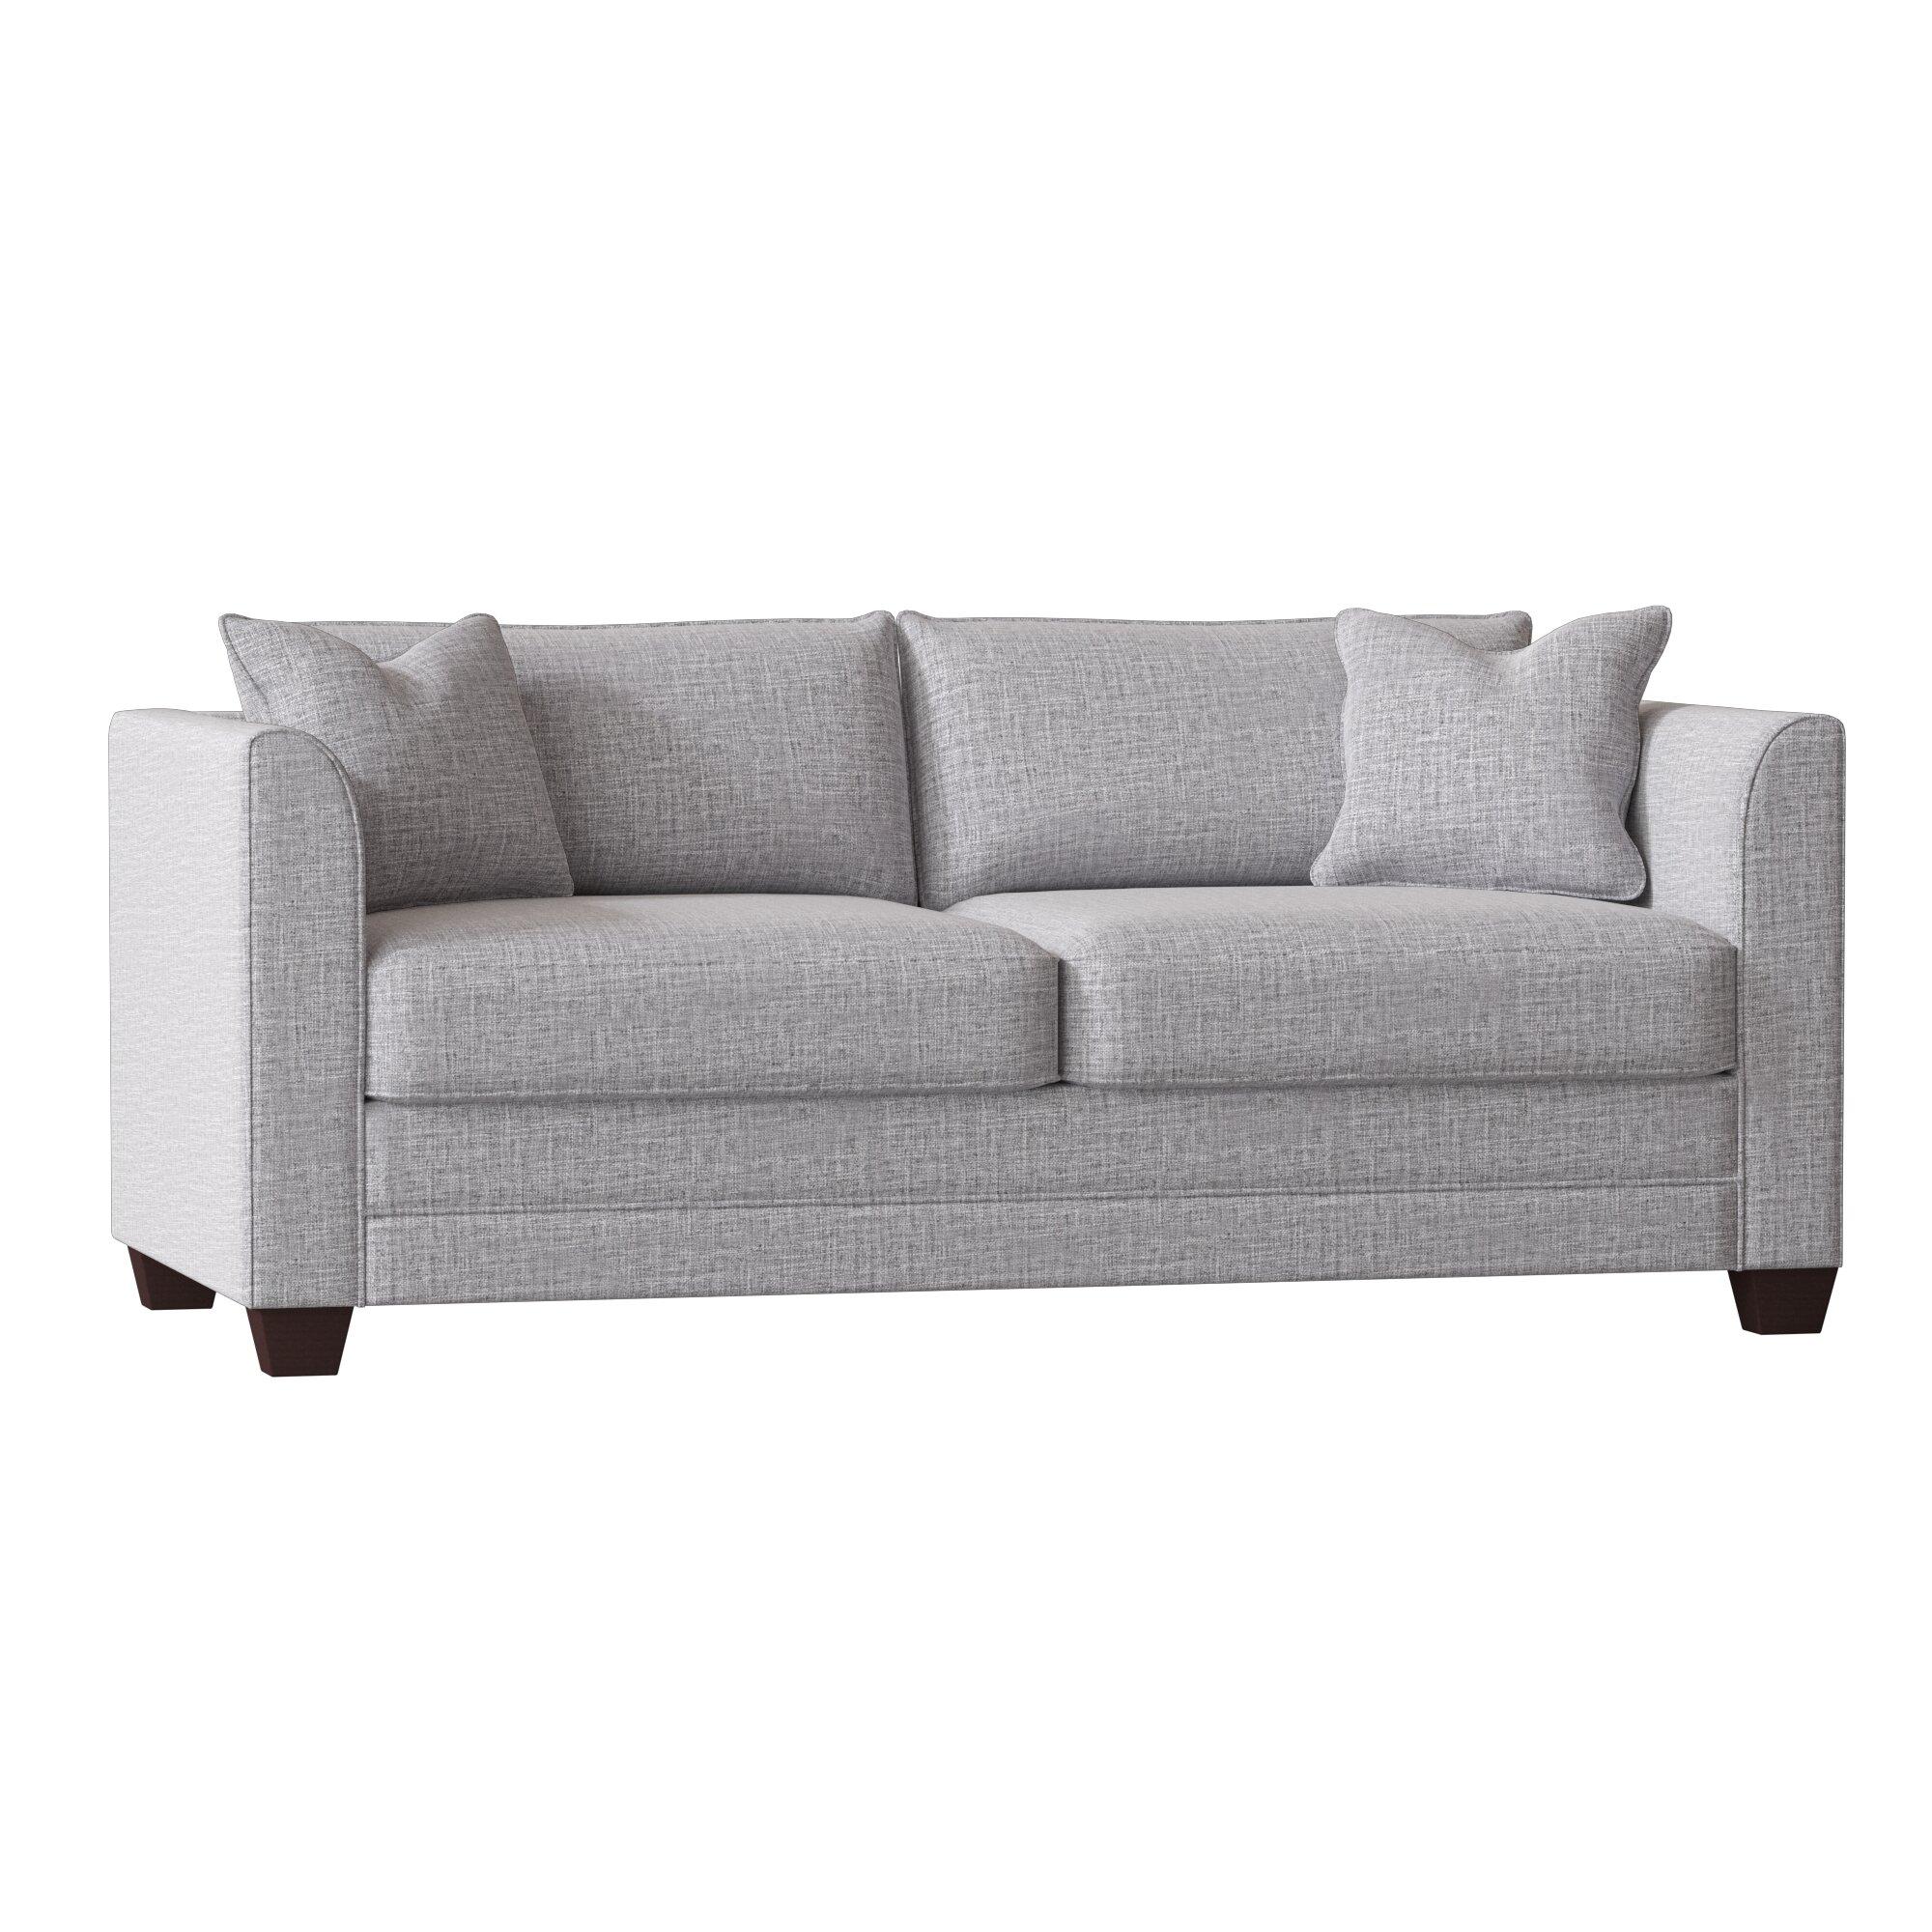 Sarah Sofa Bed